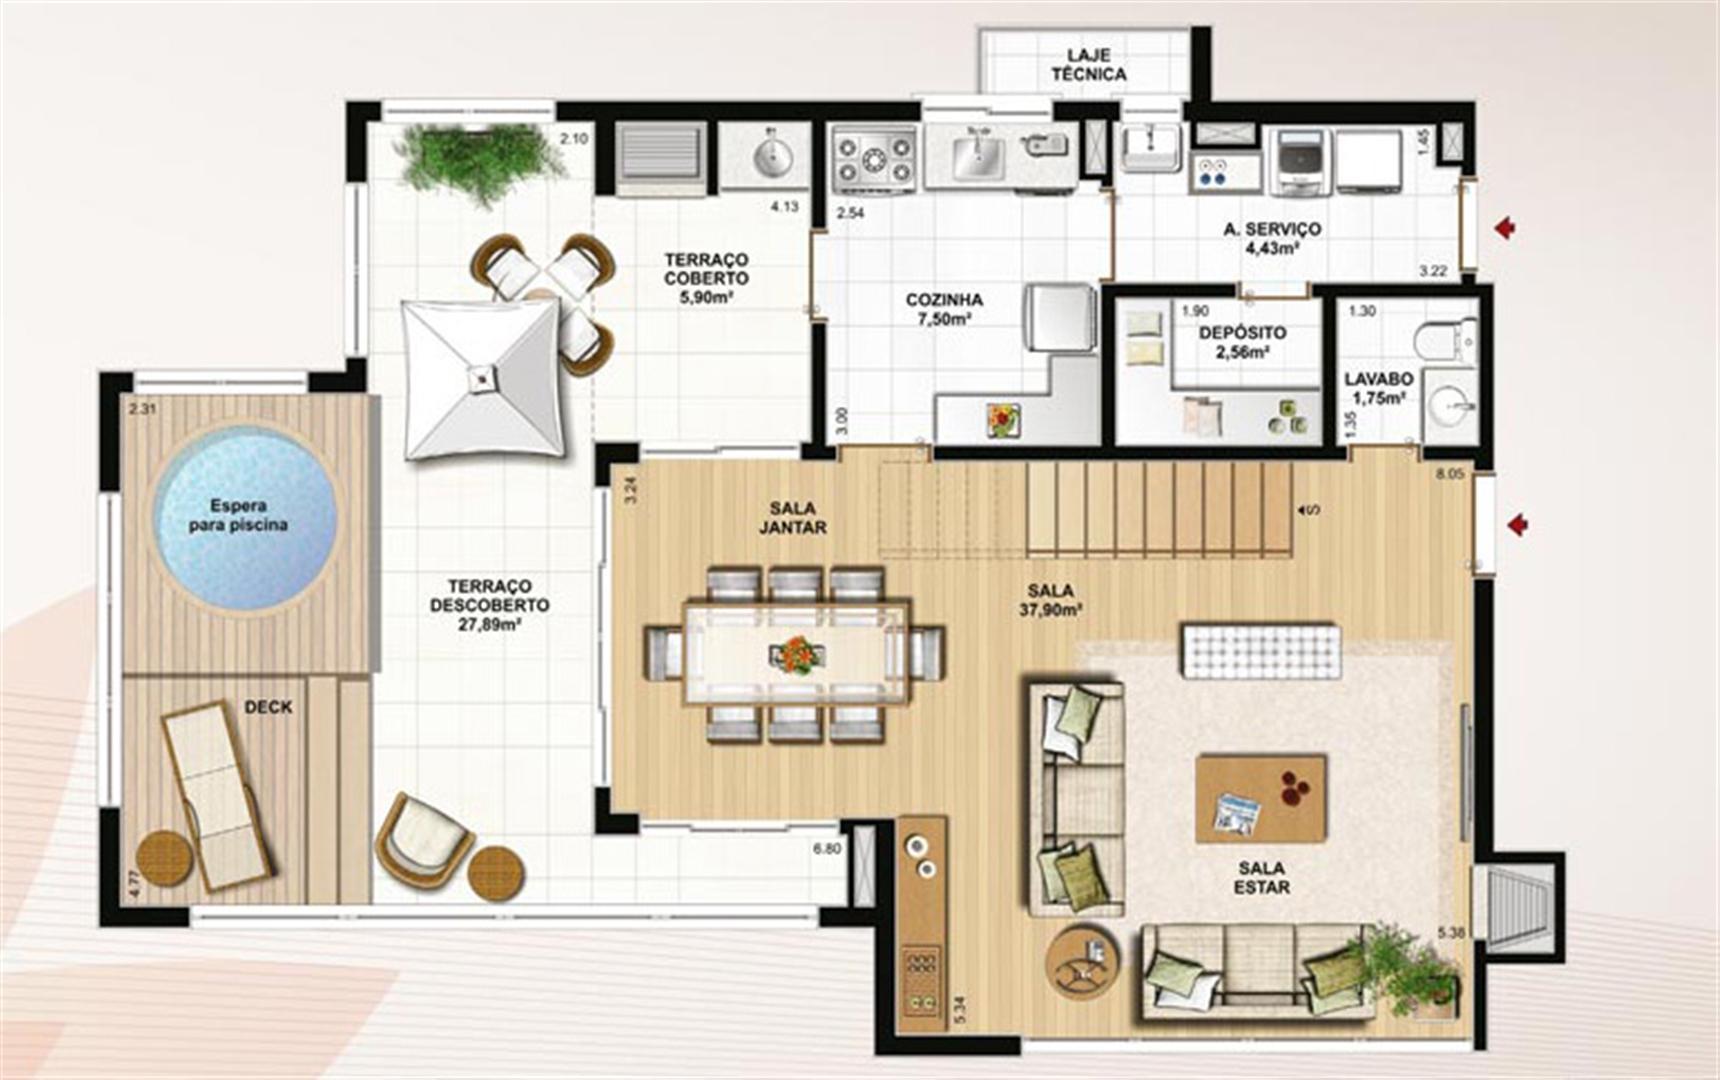 Duplex 174 m² privativos  pavimento inferior | Le Jardin Residencial – Apartamento no  Água Verde - Curitiba - Paraná